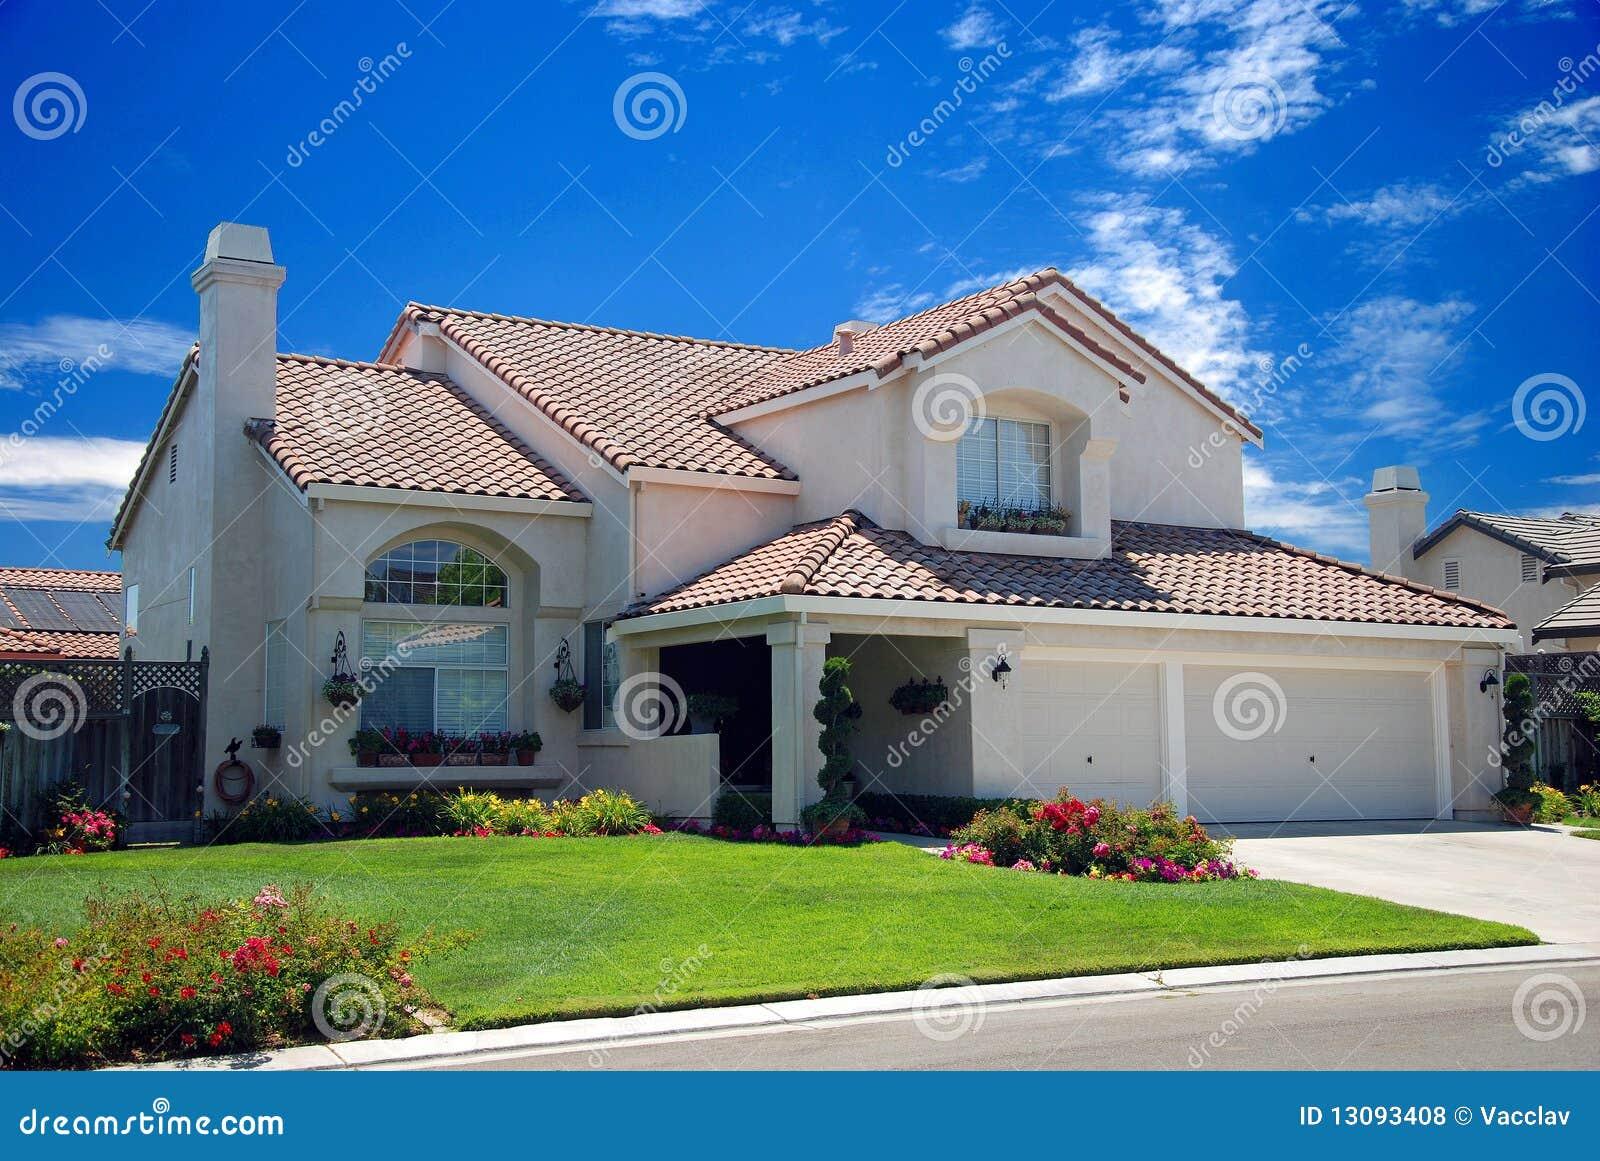 Nieuw amerikaans droomhuis royalty vrije stock foto 39 s afbeelding 13093408 - Mooie huis foto ...